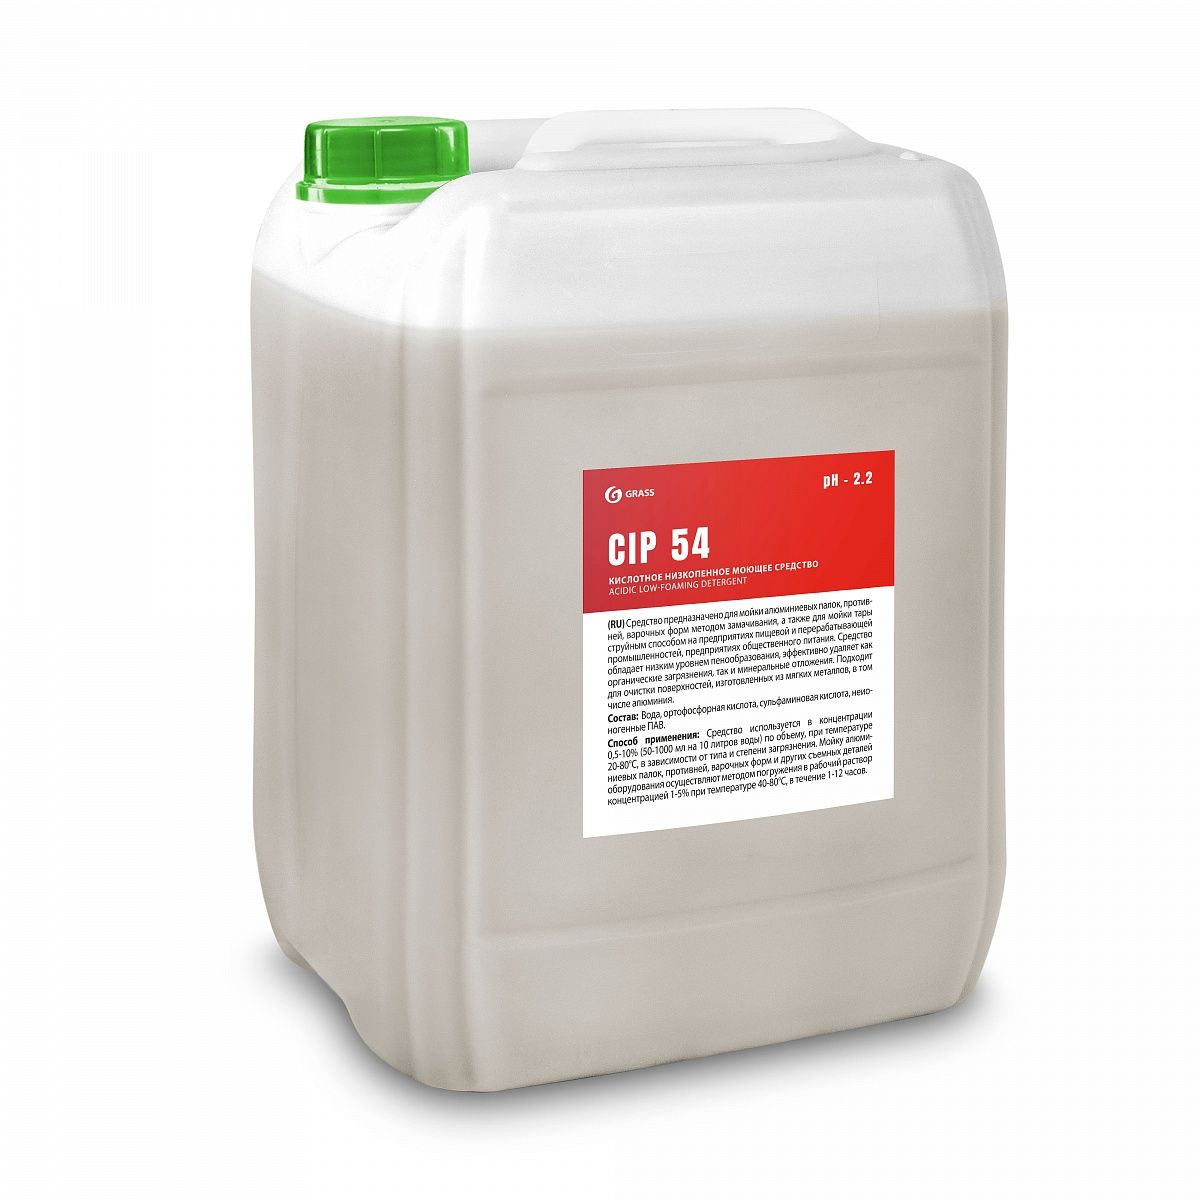 Кислотное низкопенное моющее средство на основе ортофосфорной кислоты CIP 54 (канистра 19л)